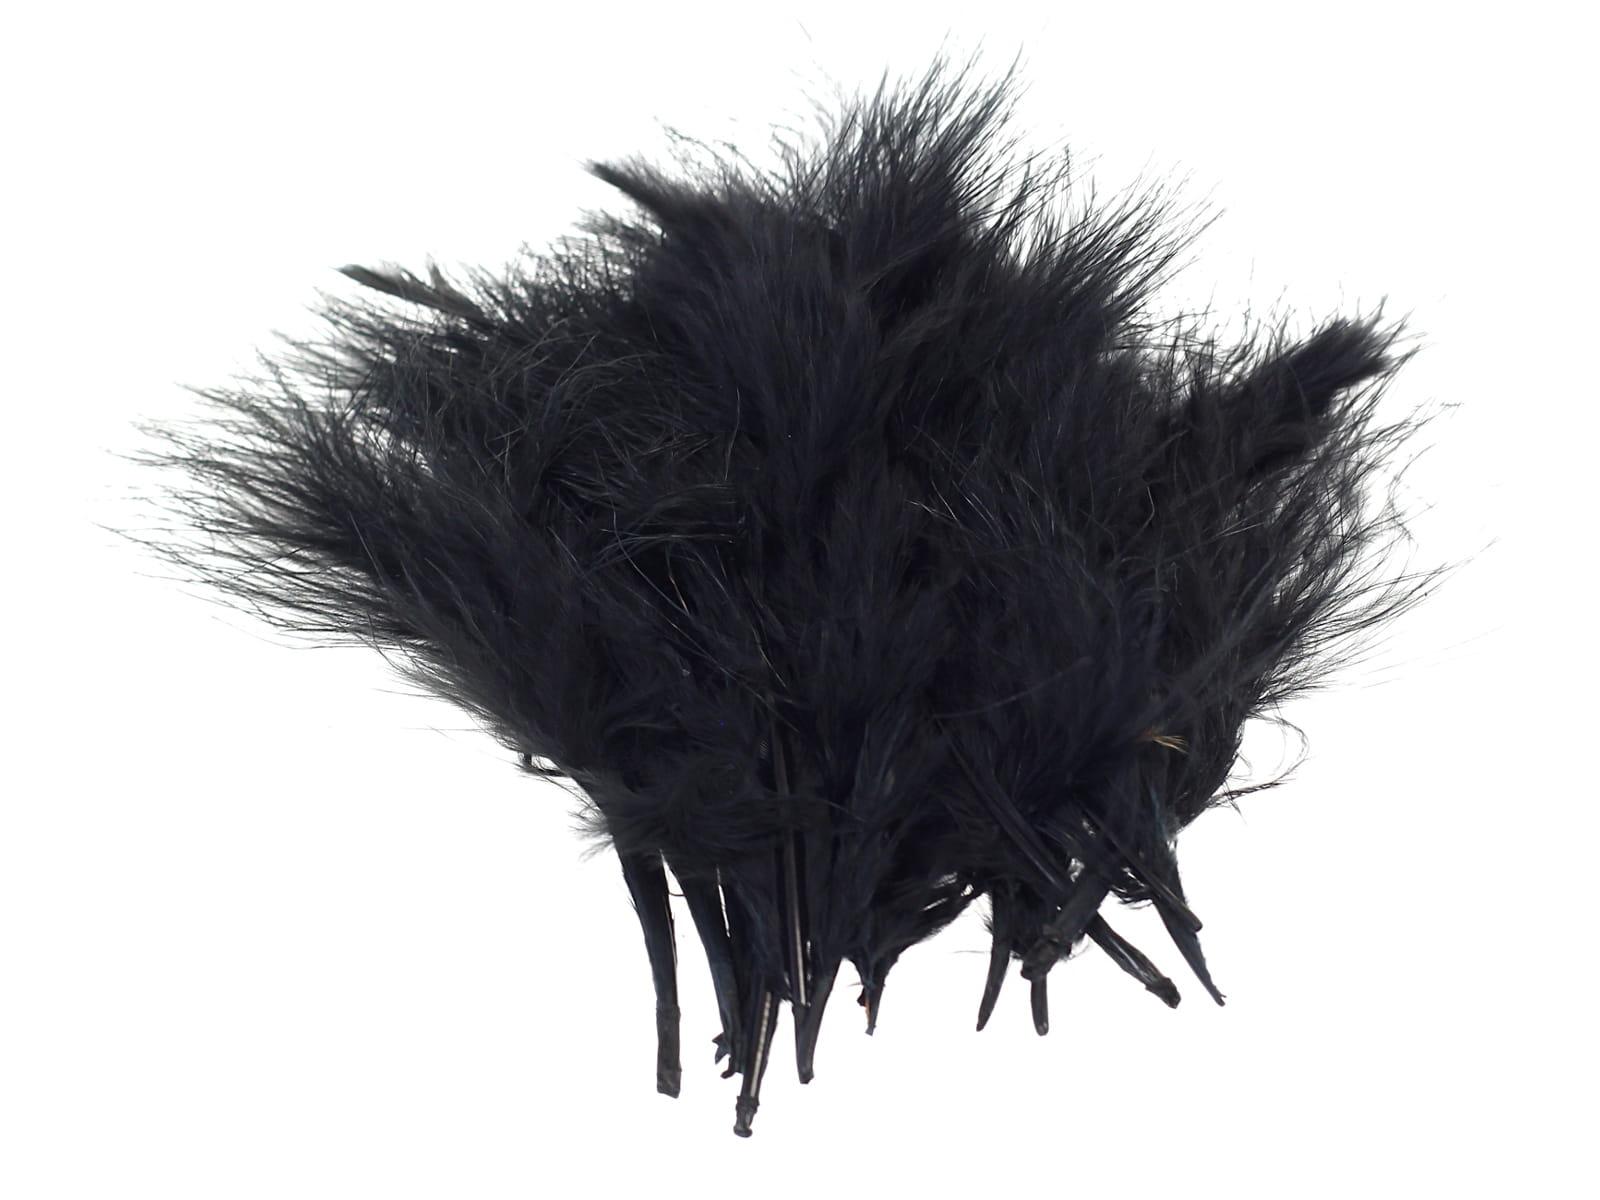 Piórka Dekoracyjne Miękkie Puszyste Czarne